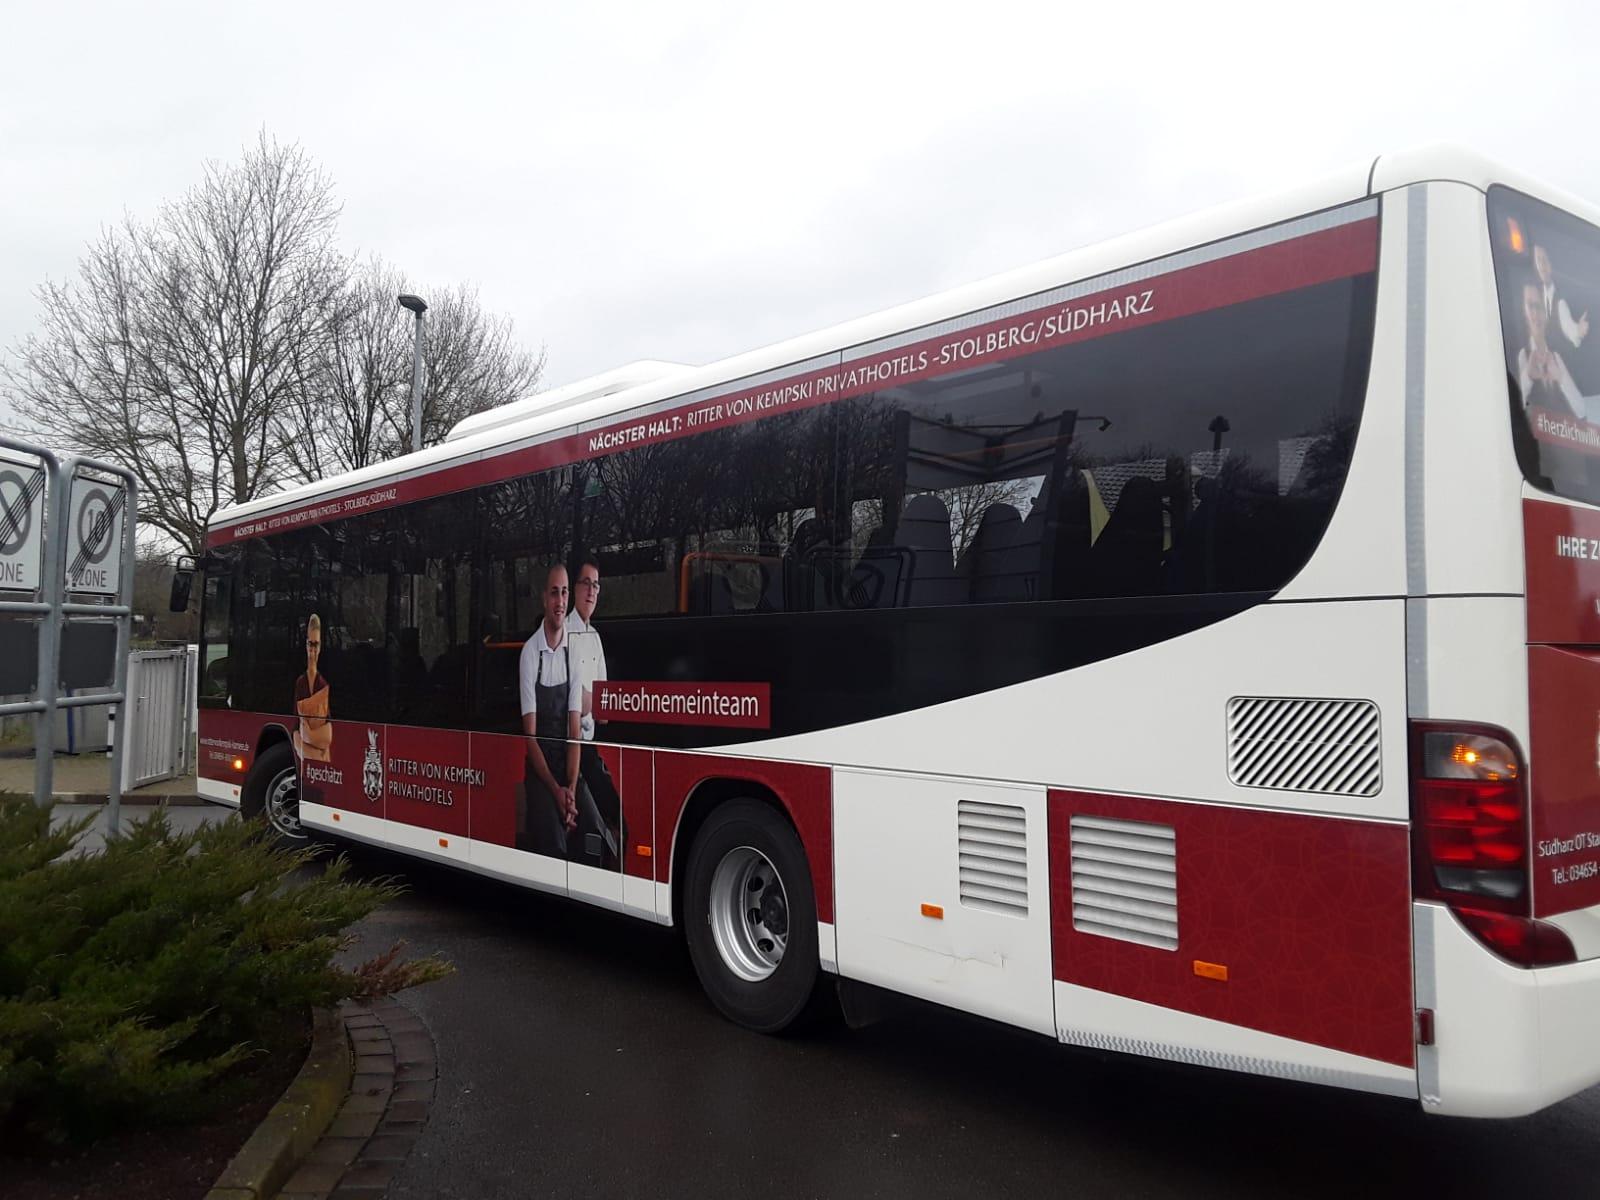 Buswerbung als Employer Branding für ein Hotel